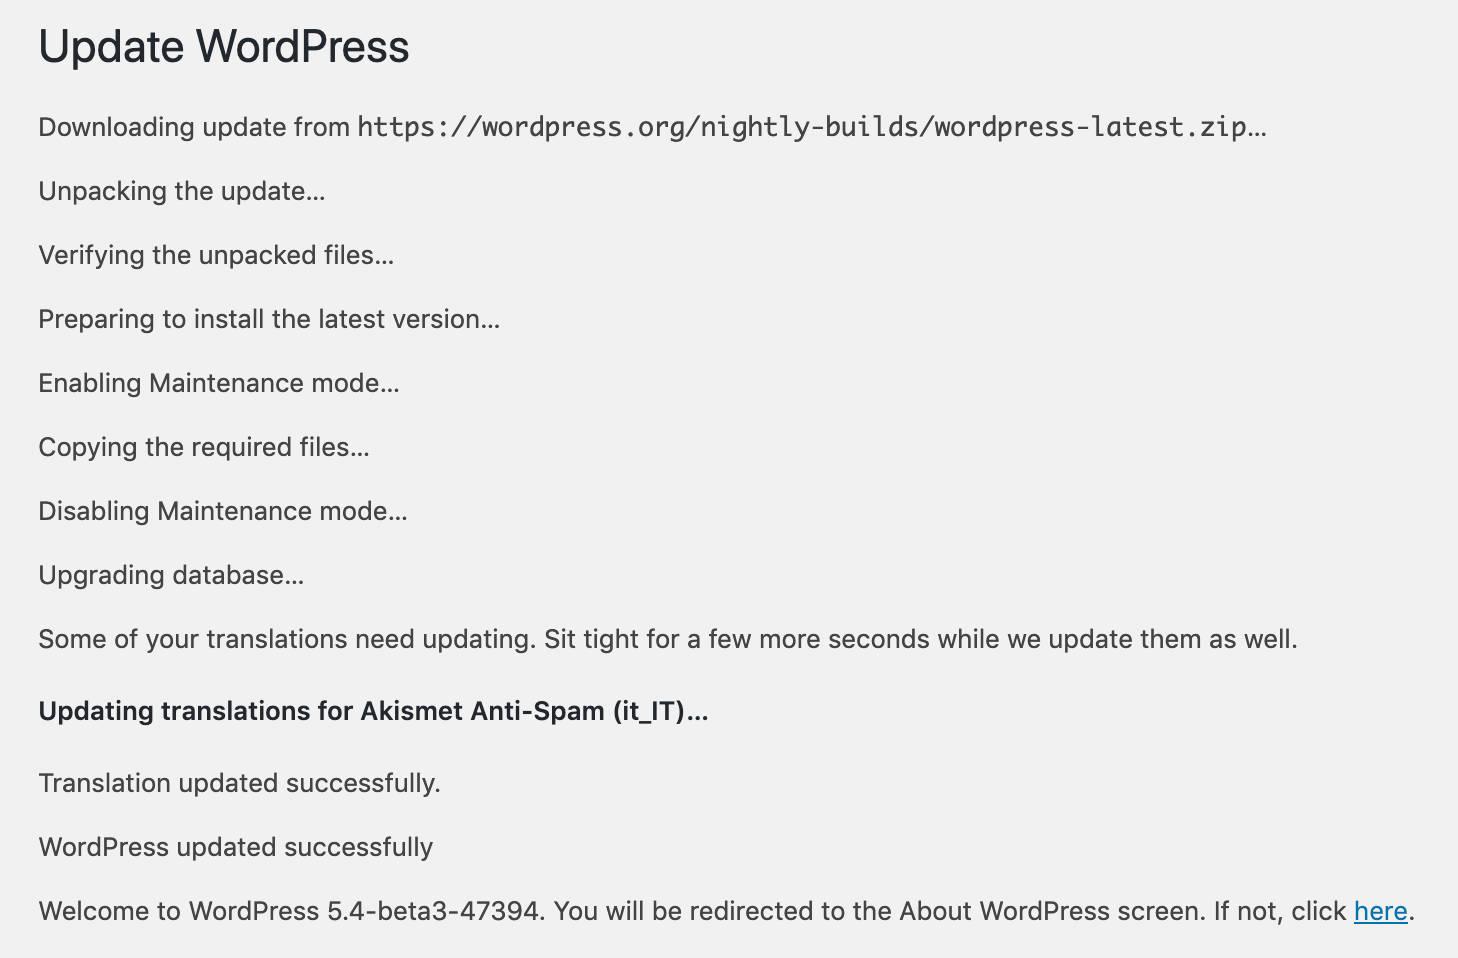 Voortgang van WordPress updates